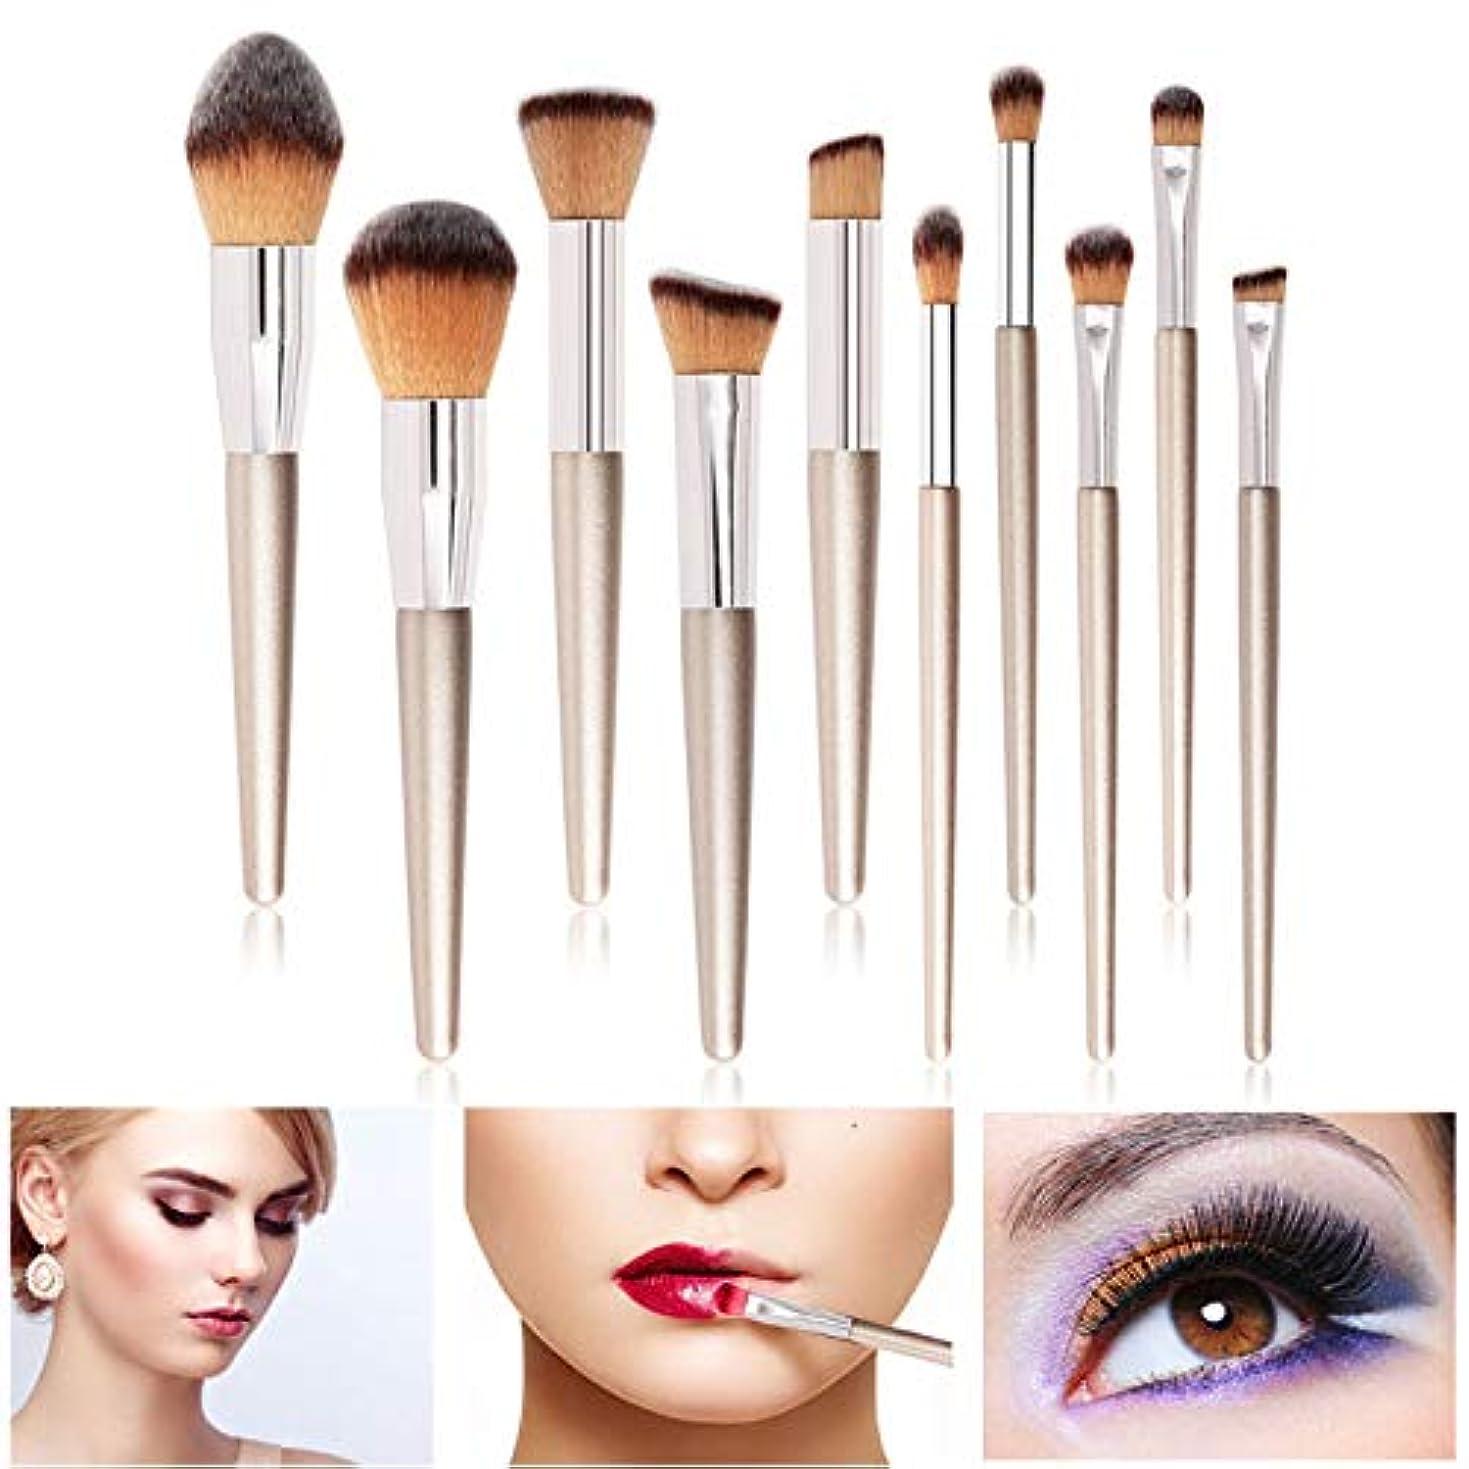 Symboat 10本化粧ブラシソフトアイシャドウファンデーションブラッシュポータブル美容ツール用女性